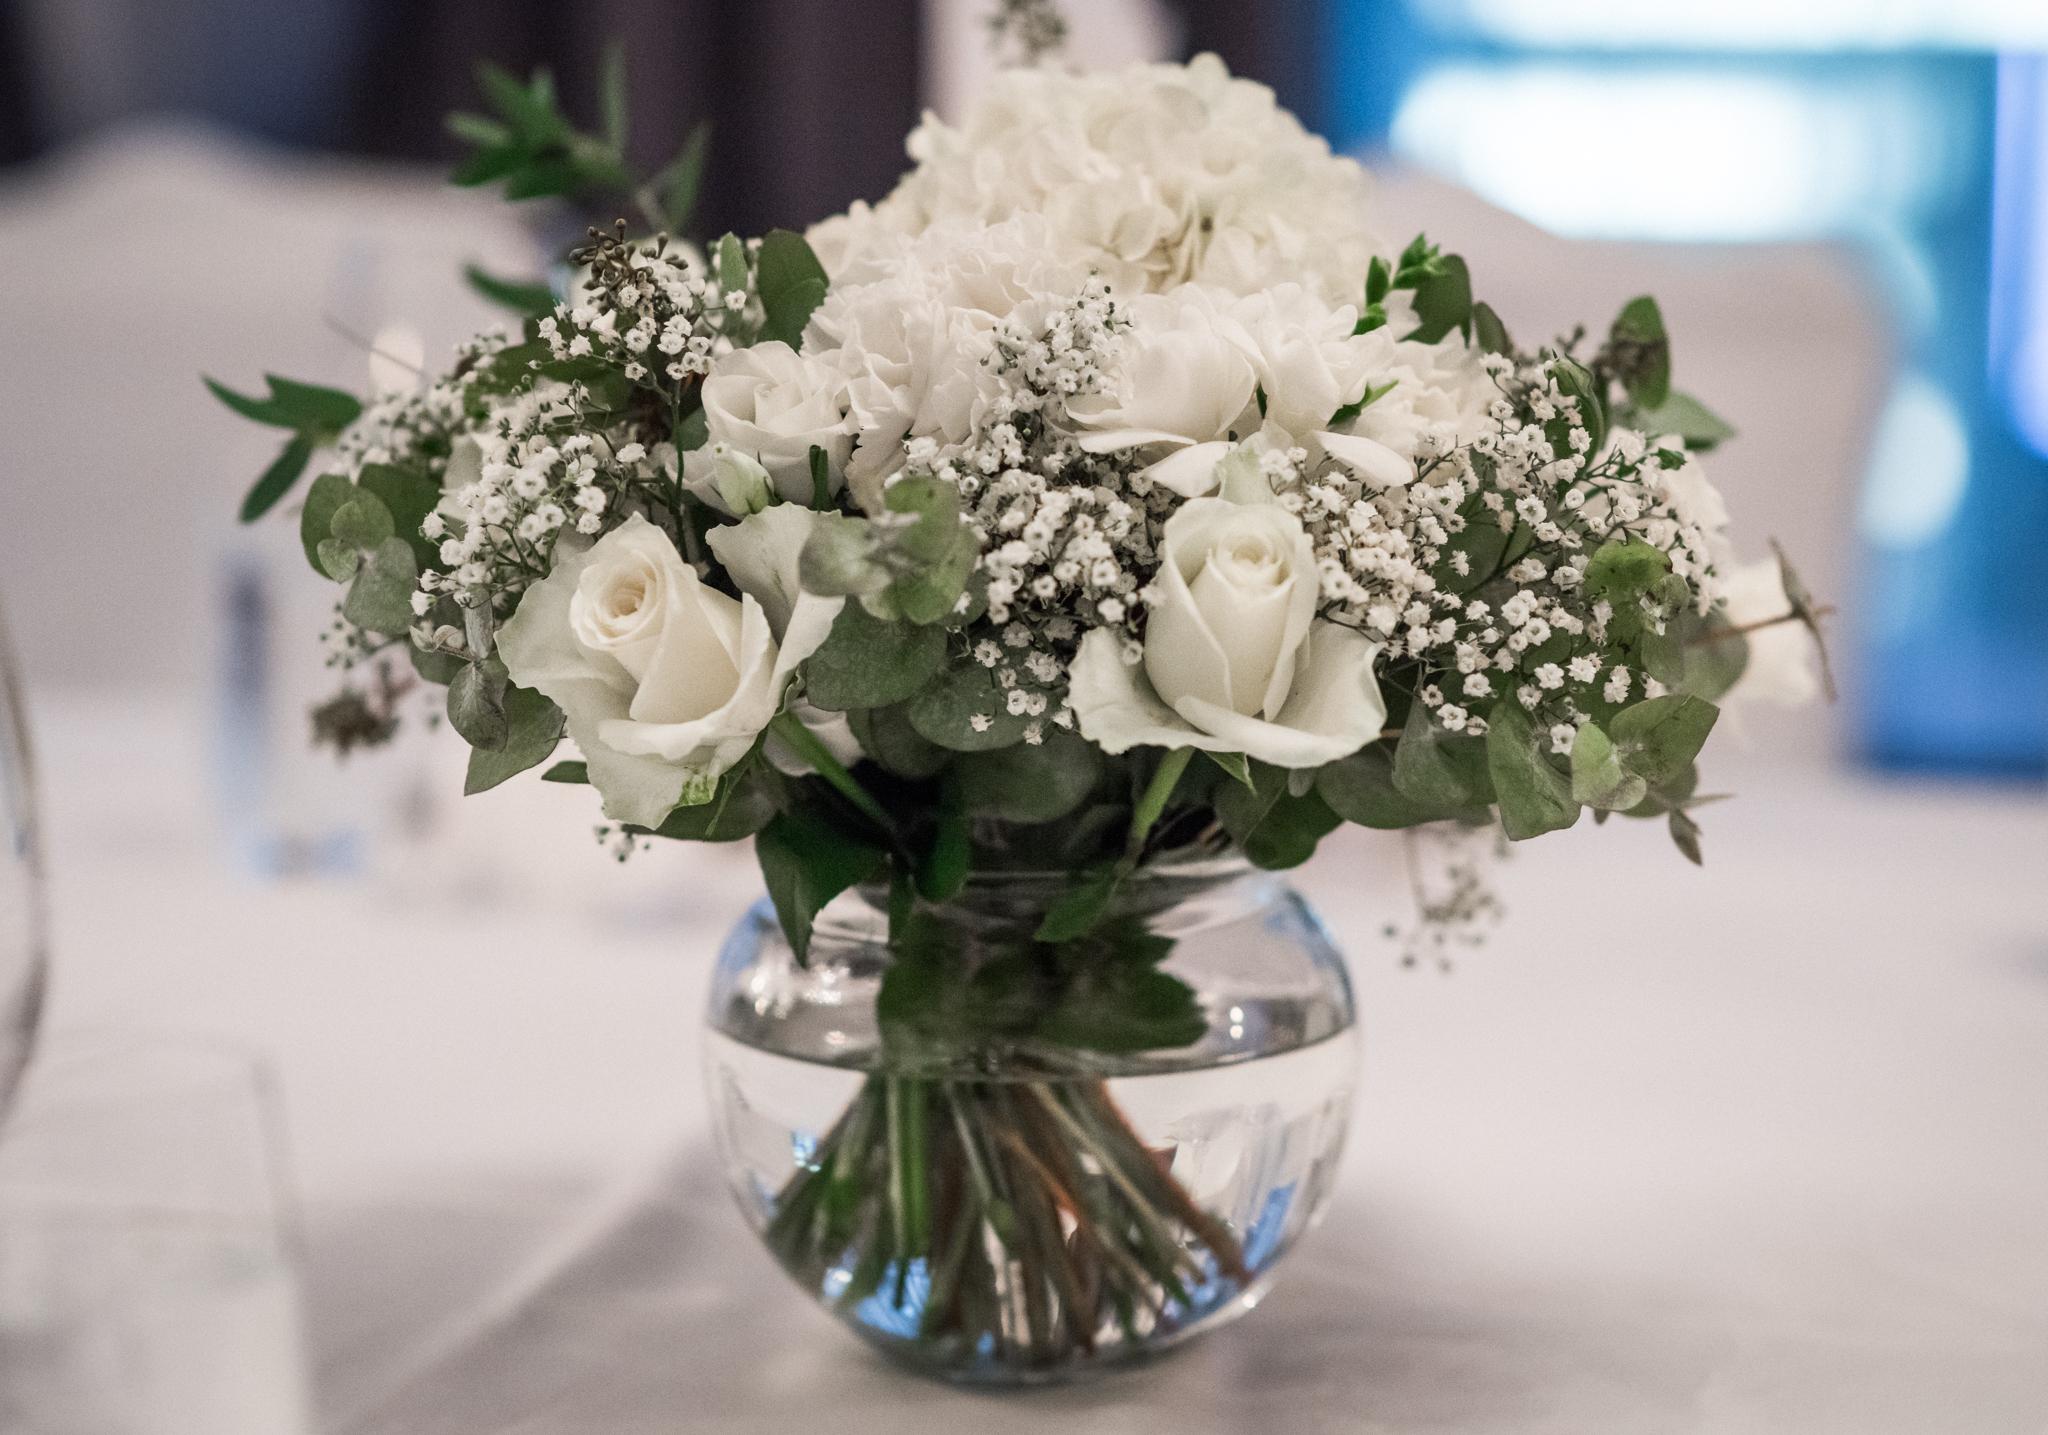 Nämä kukka-asetelmat ja aiemmassa kuvassa näkyvä morsiuskimppu on Kampin Kukan käsialaa. Niin se vain on, että yksinkertainen on kaunista!